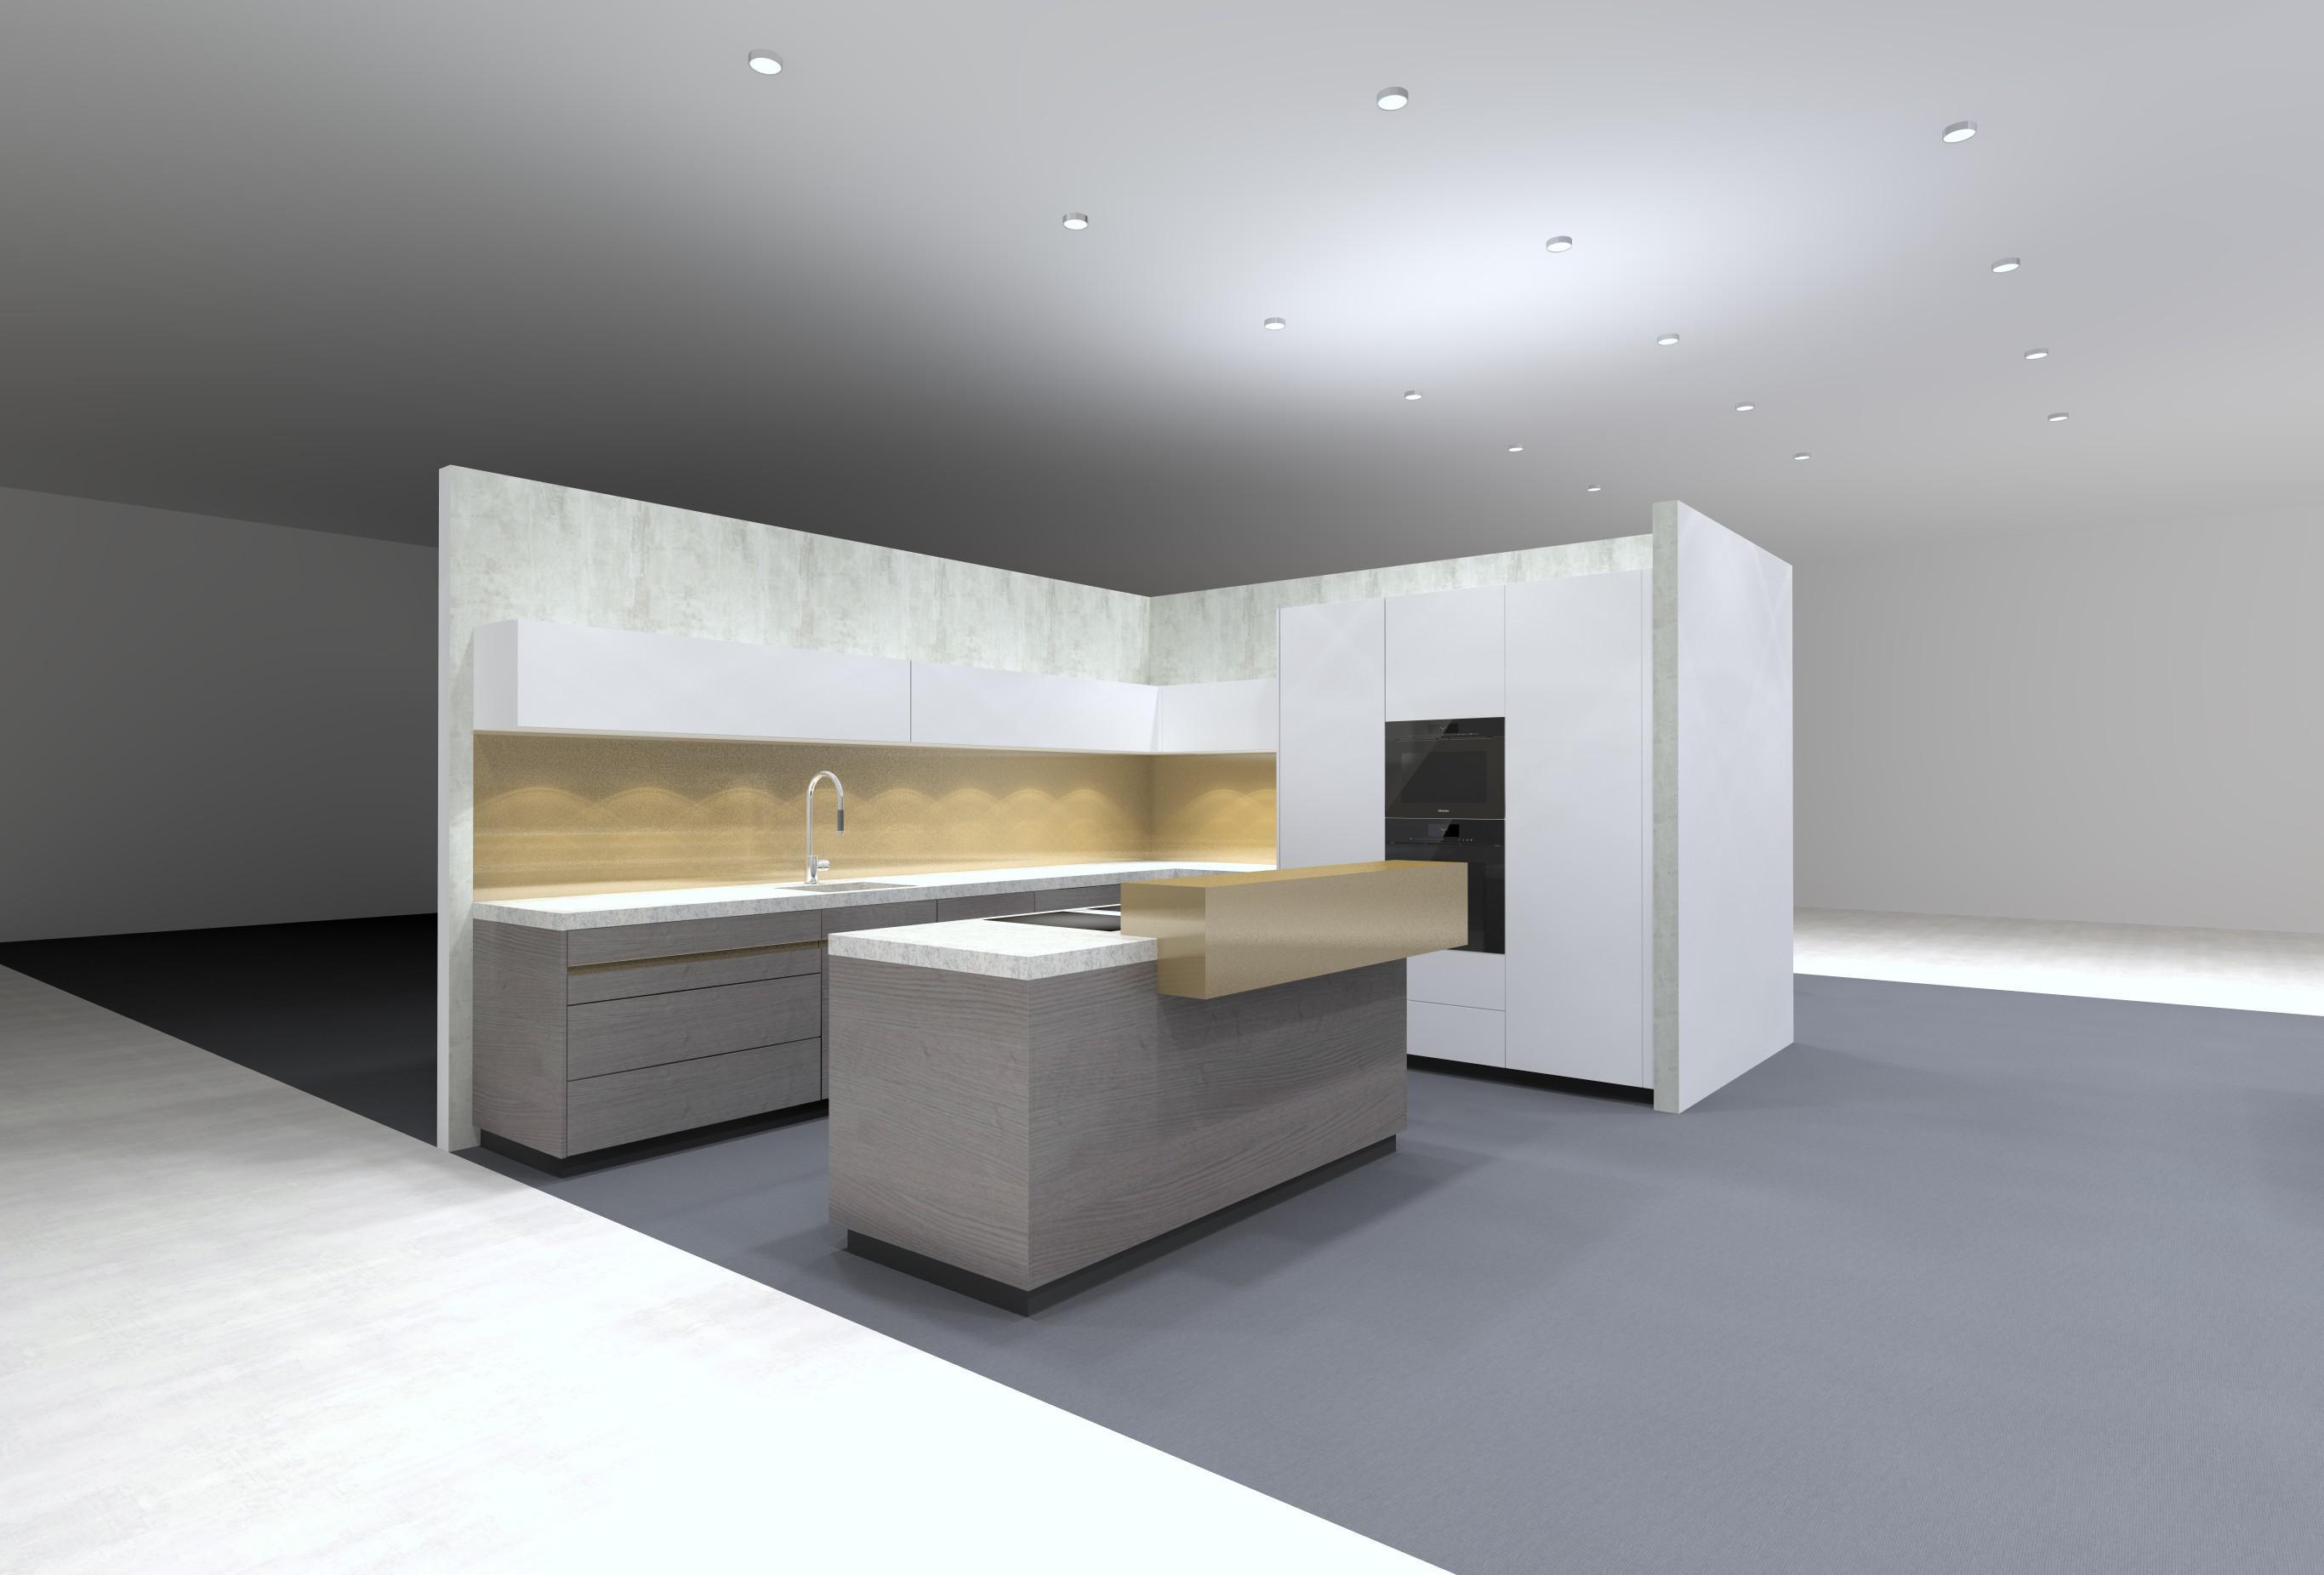 Bauen und Wohnen Messe Bernexpo Stand EMME - Die Schweizer Küche